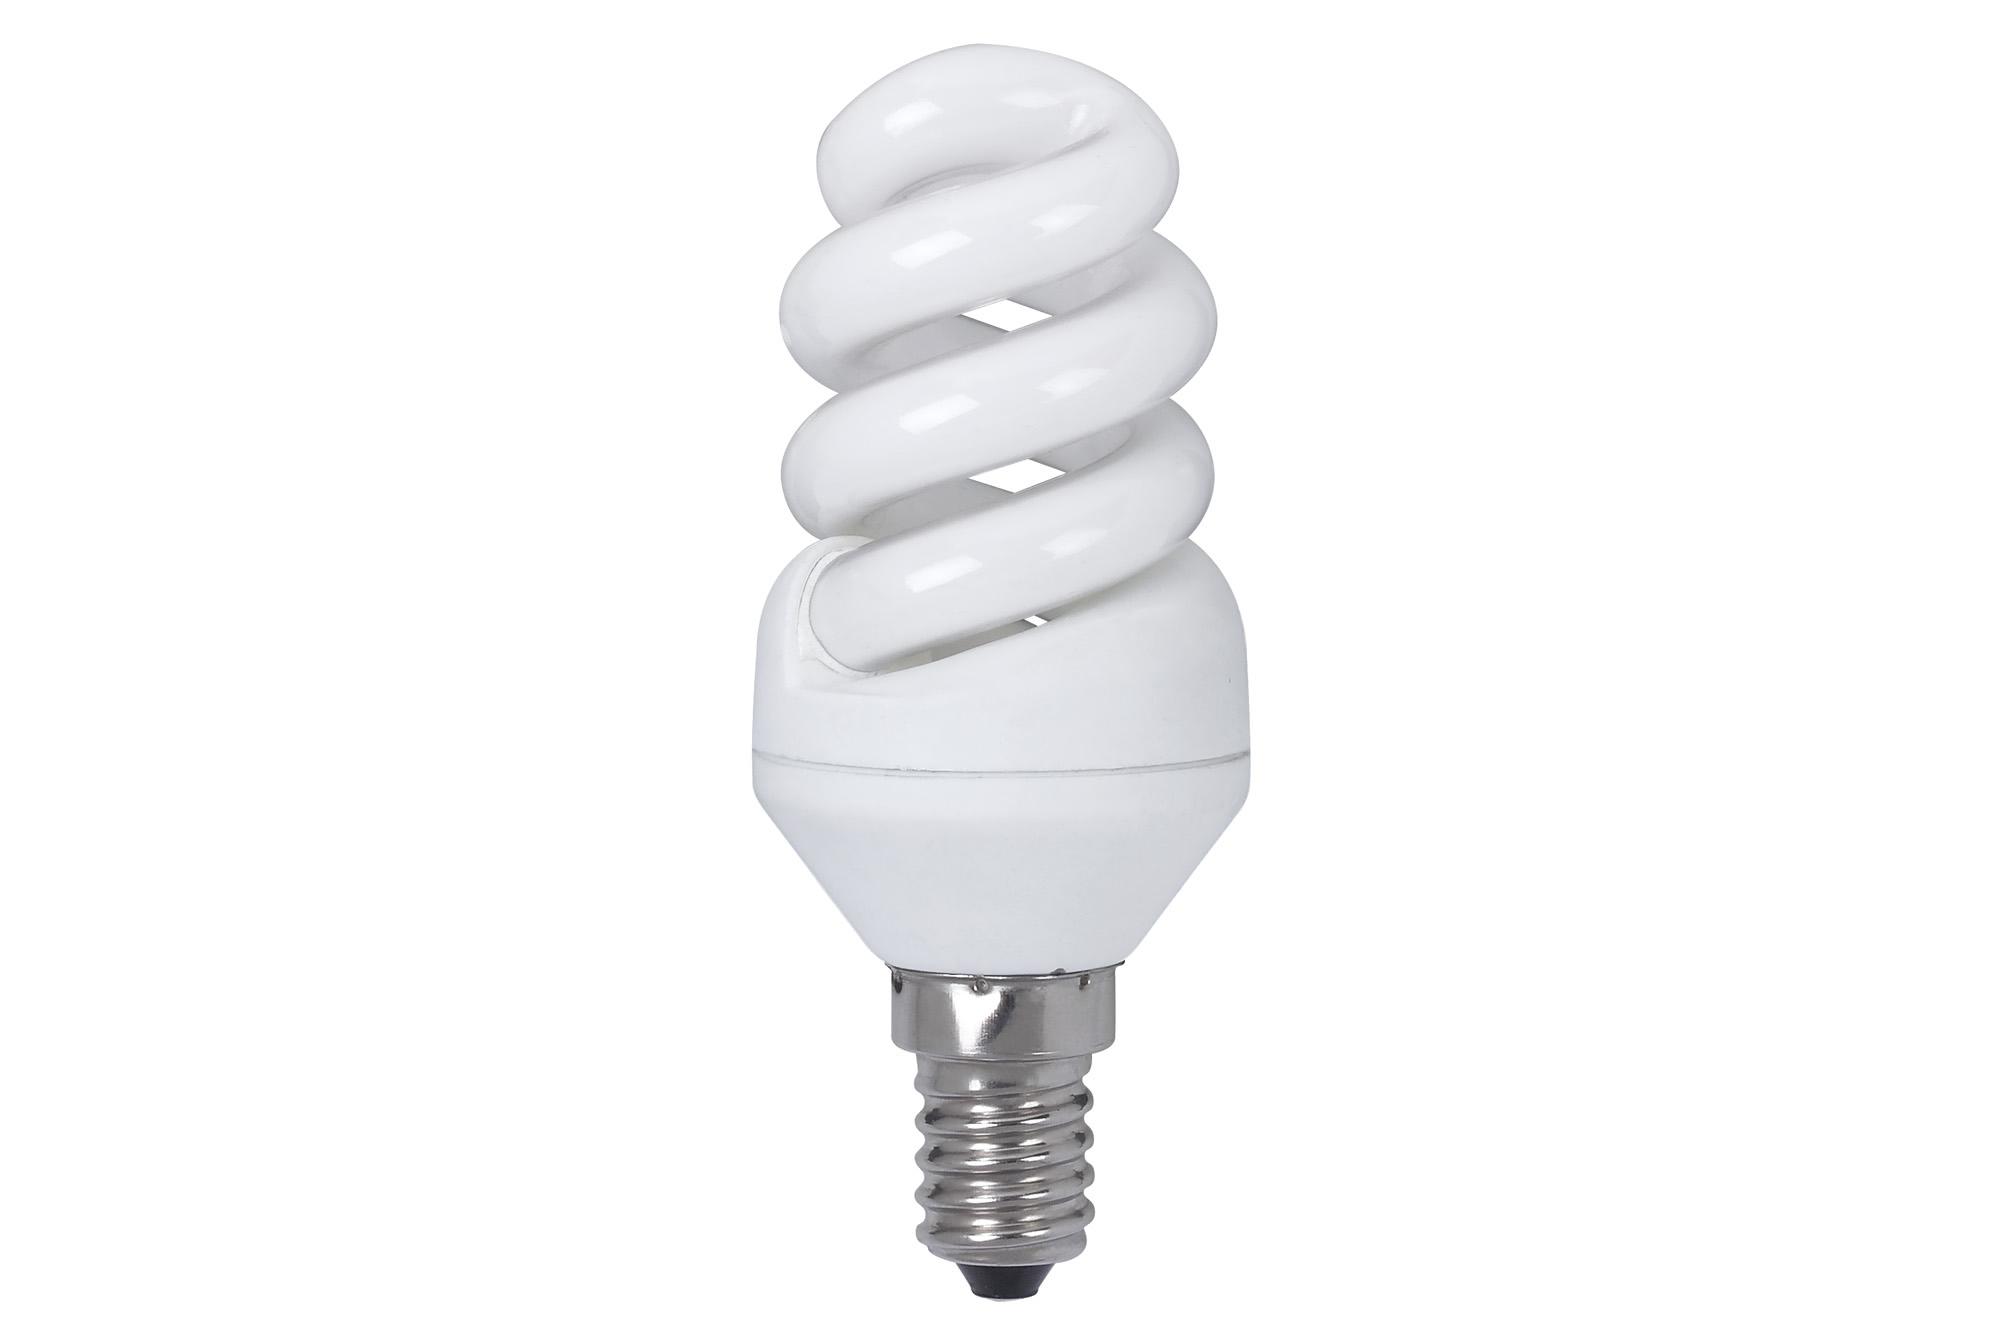 Стандартные энергосберегающие лампы